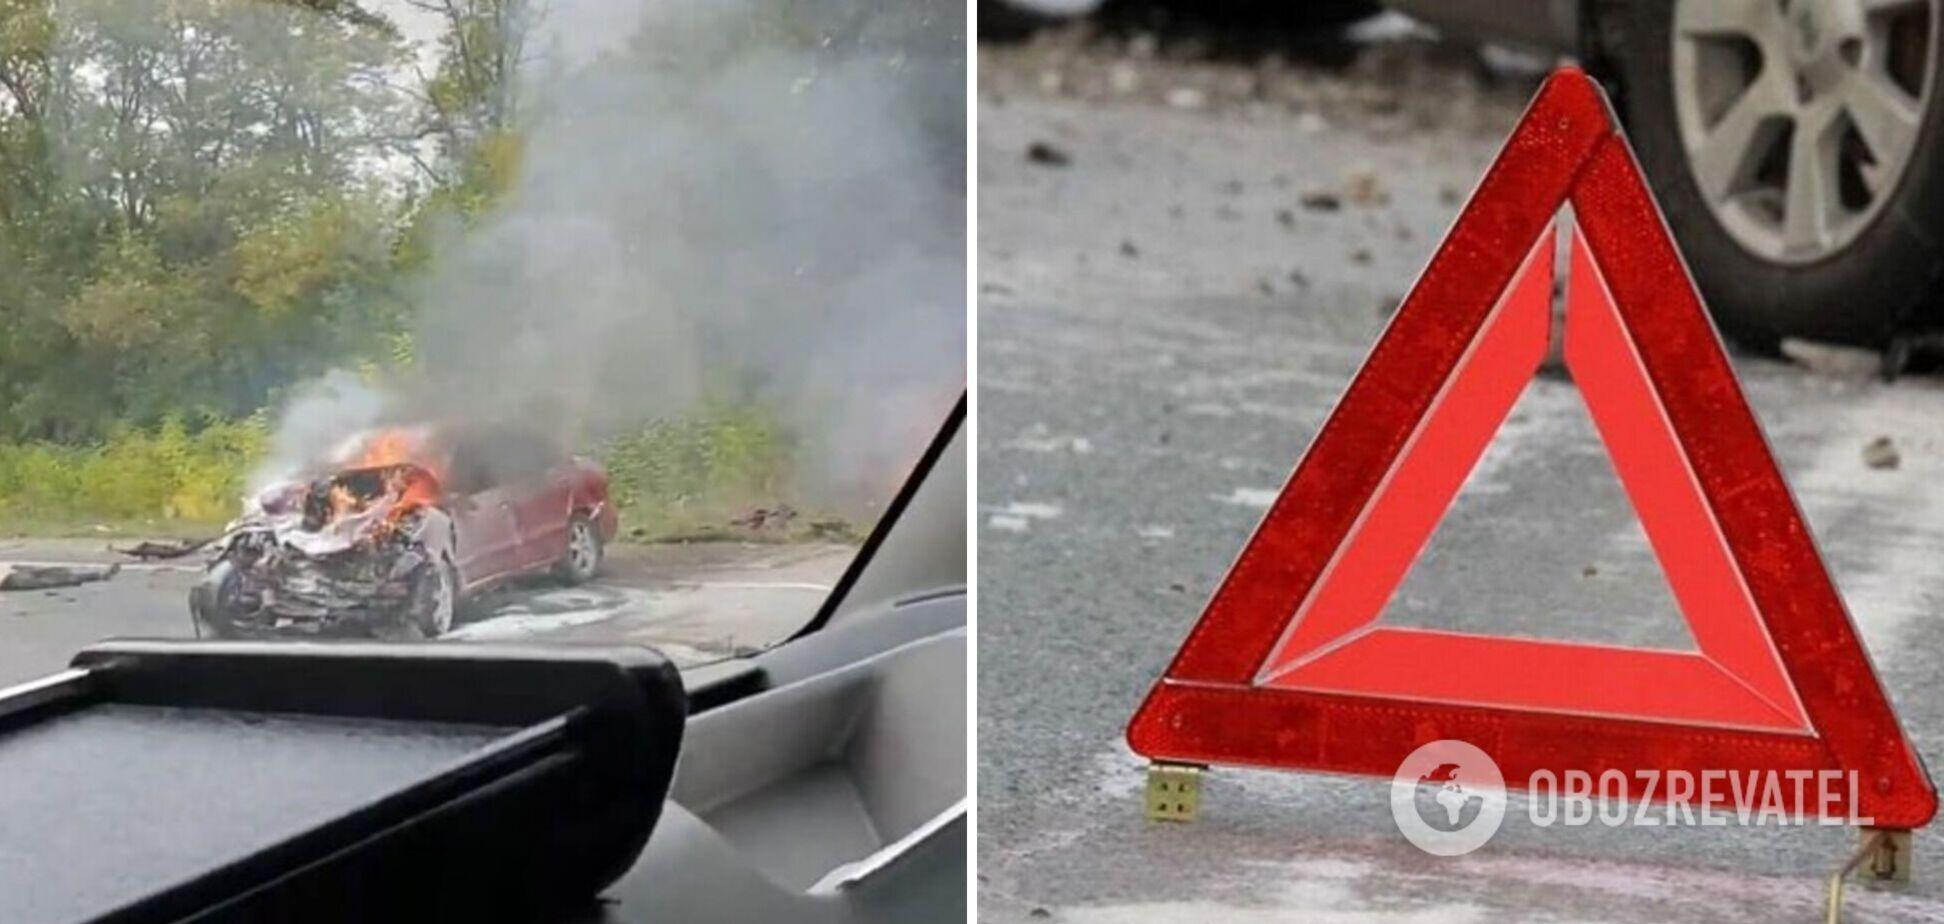 Під Запоріжжям сталася смертельна ДТП, згоріли два авто. Відео